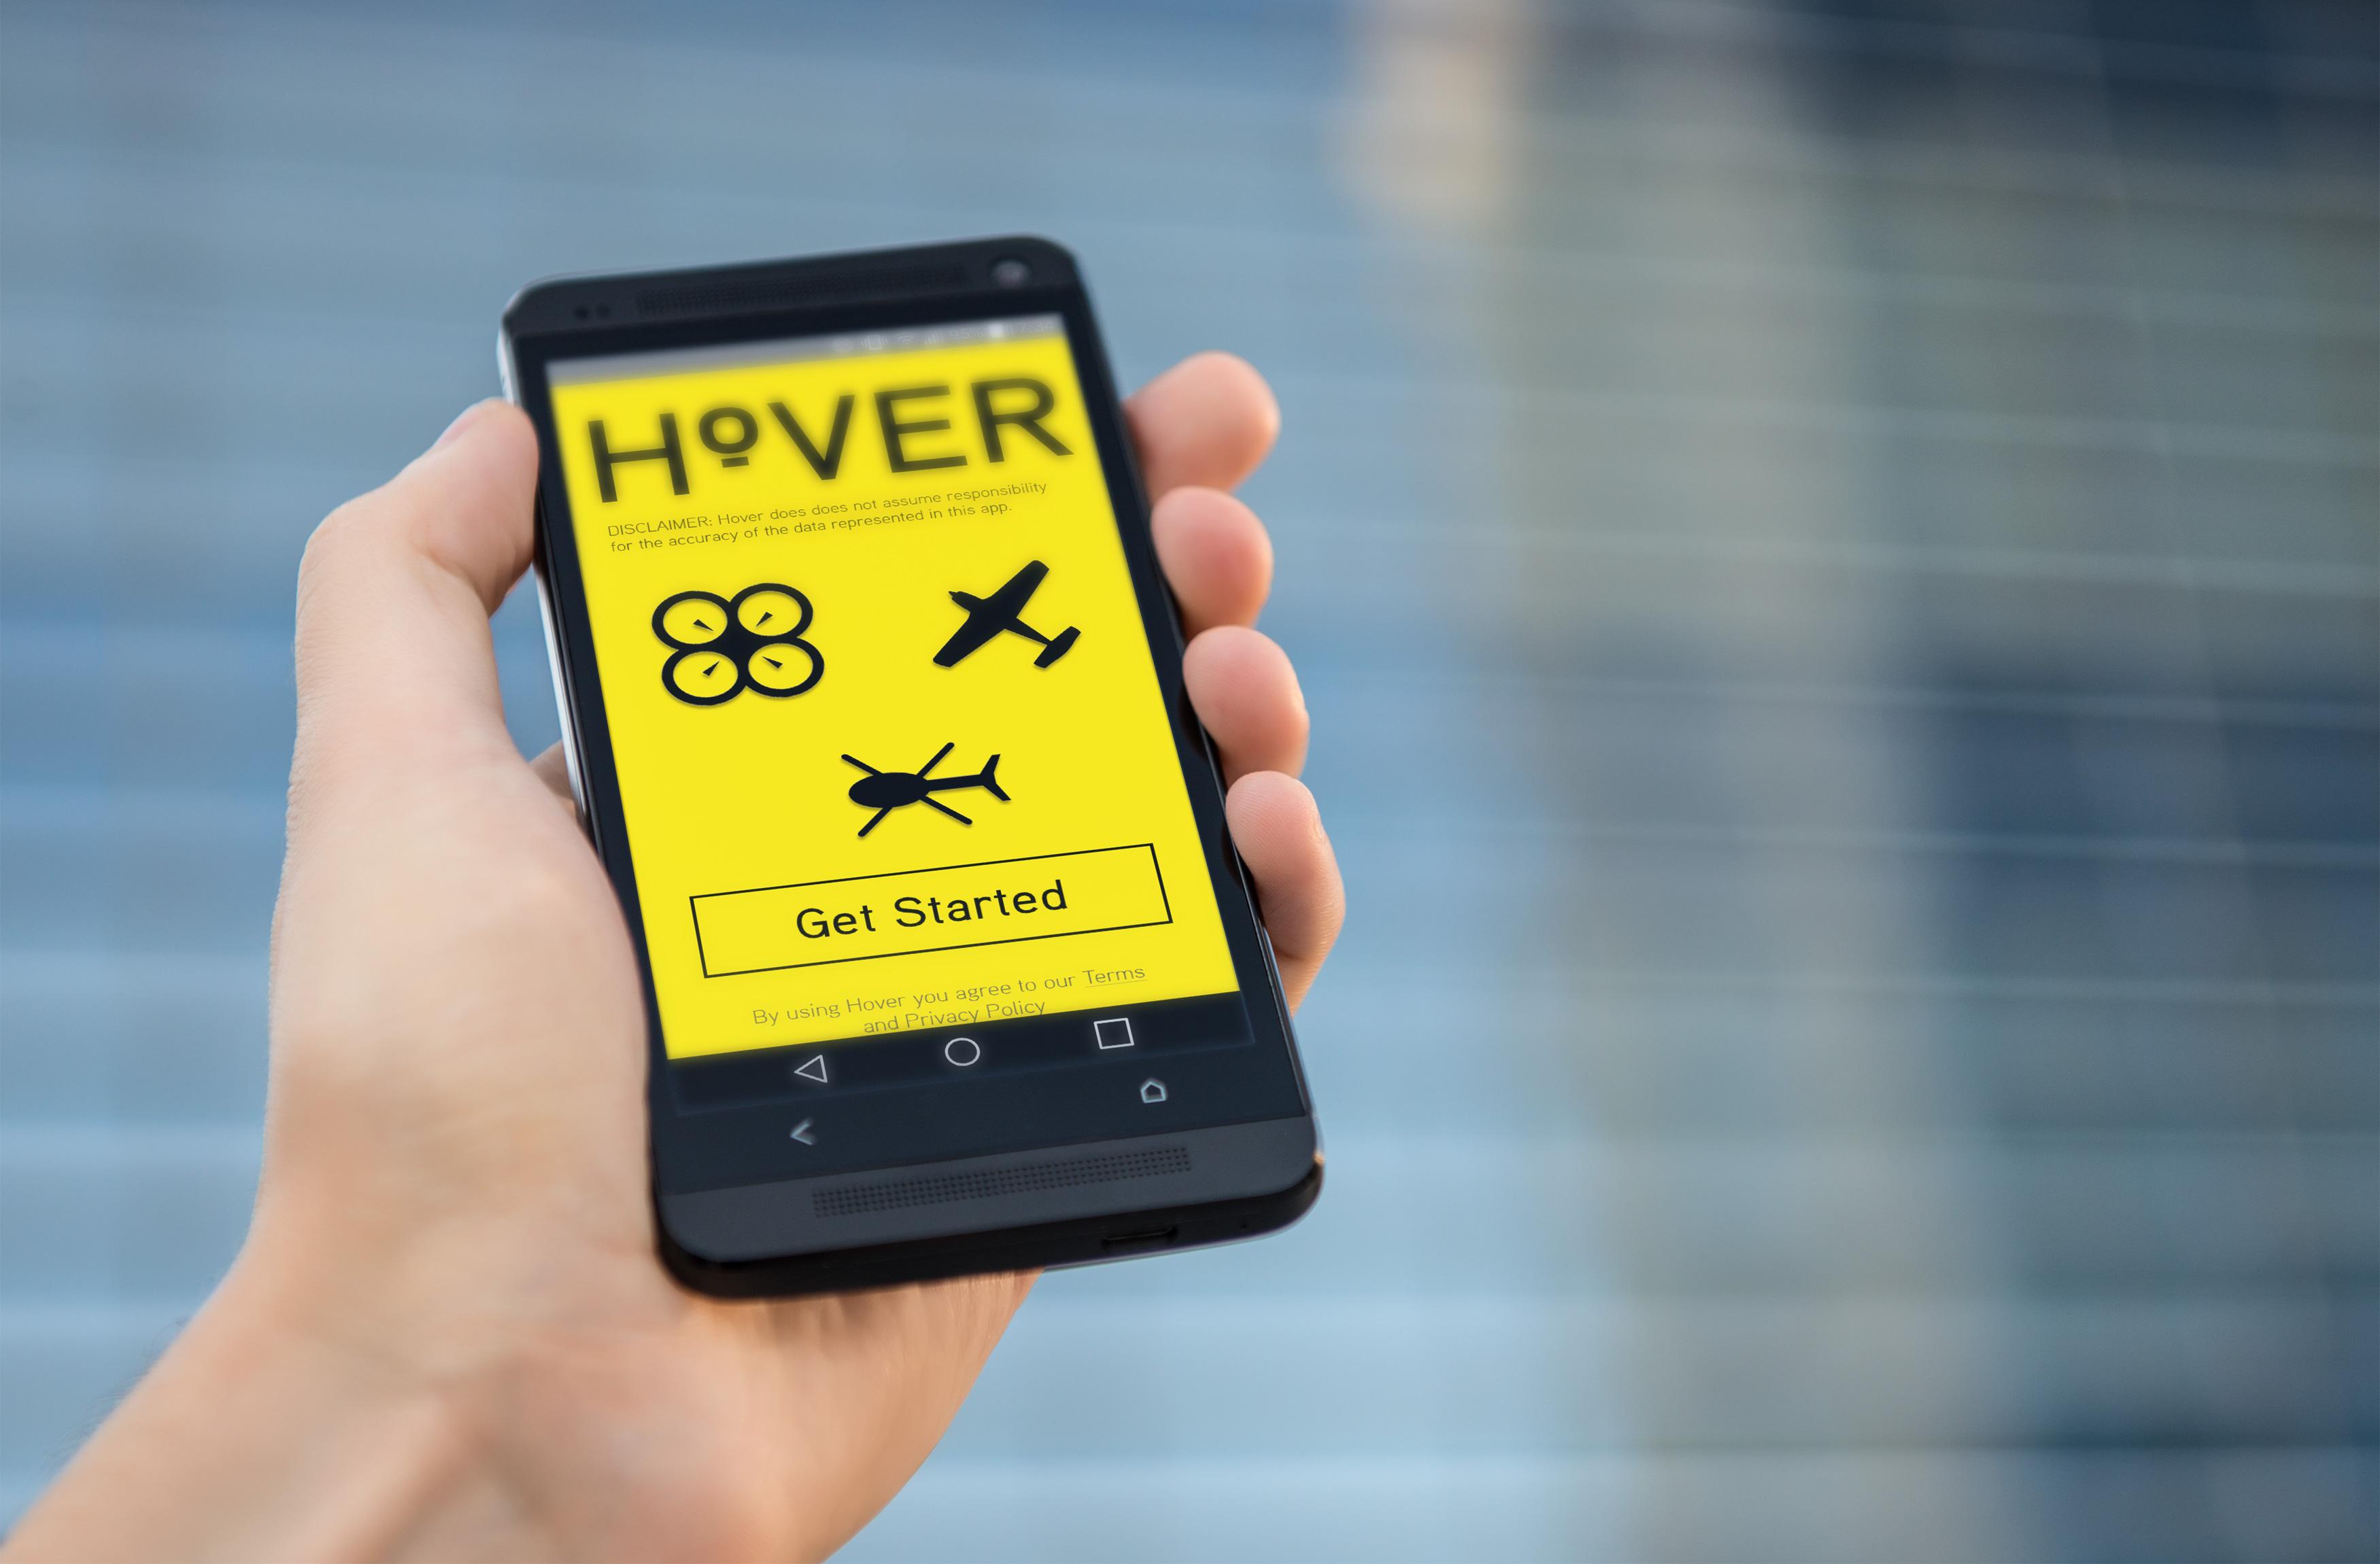 Hover - aplikacja dla pilotów dronów